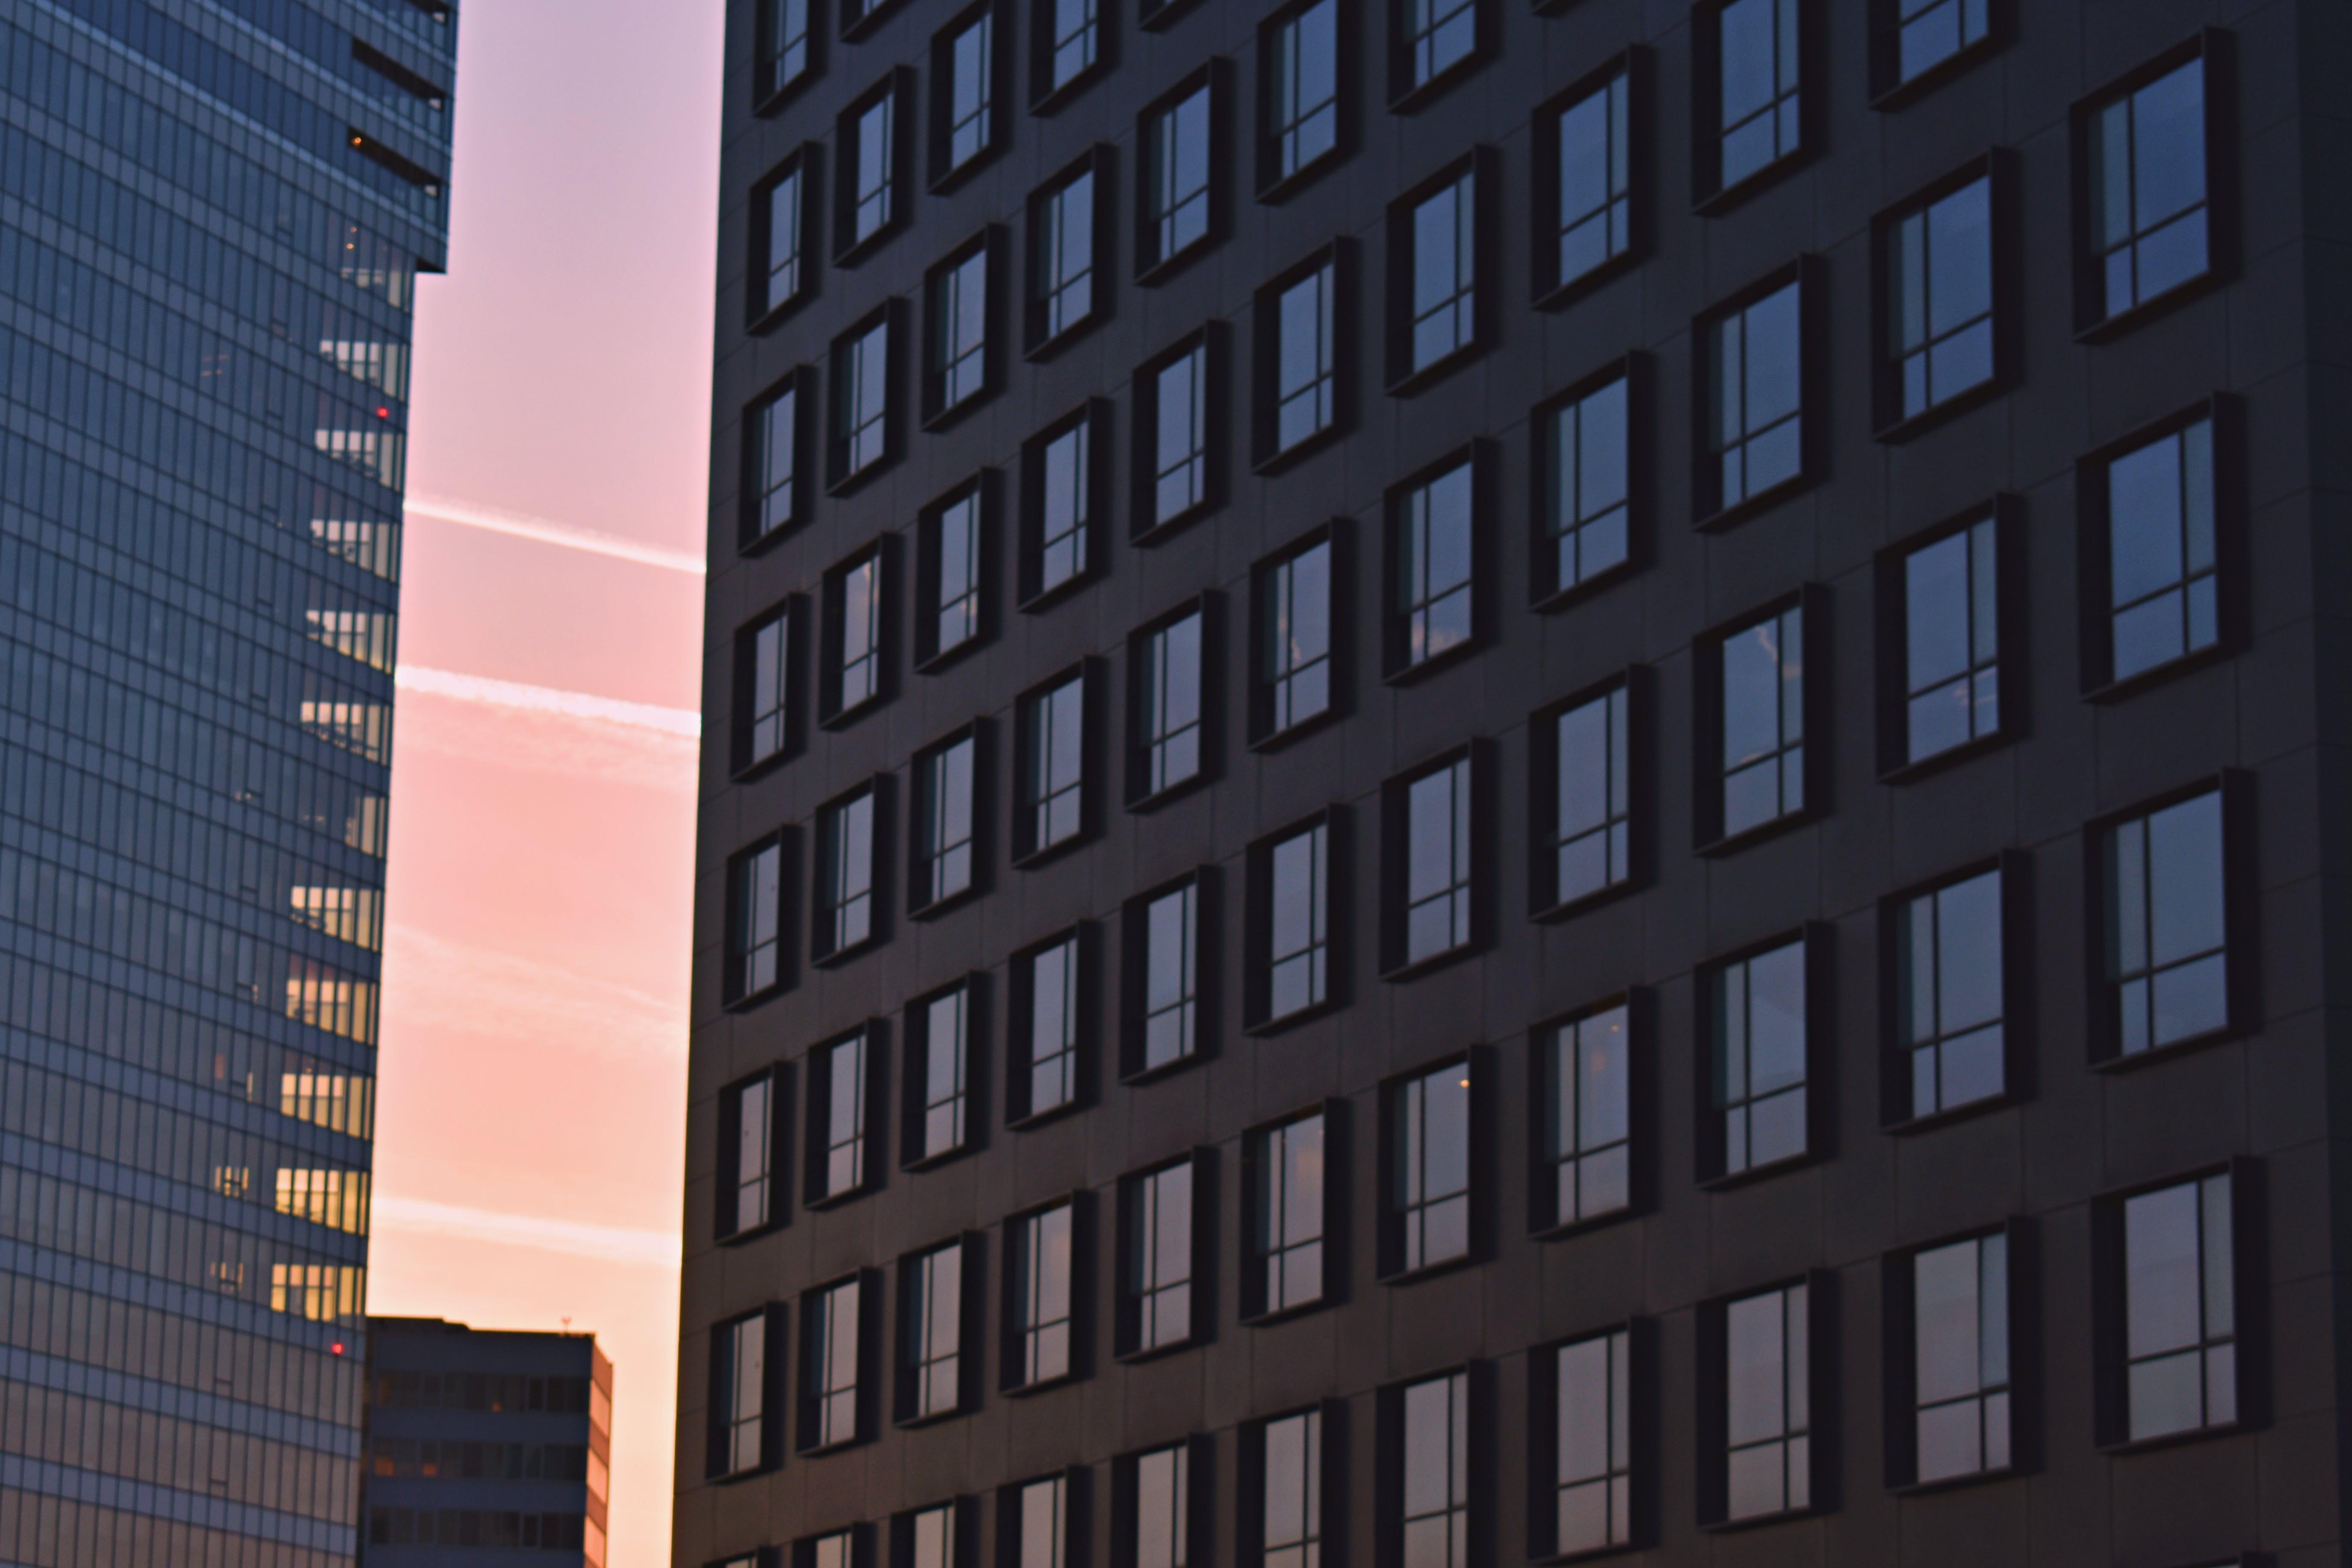 Kostenloses Stock Foto zu architektur, architekturdesign, büro, business